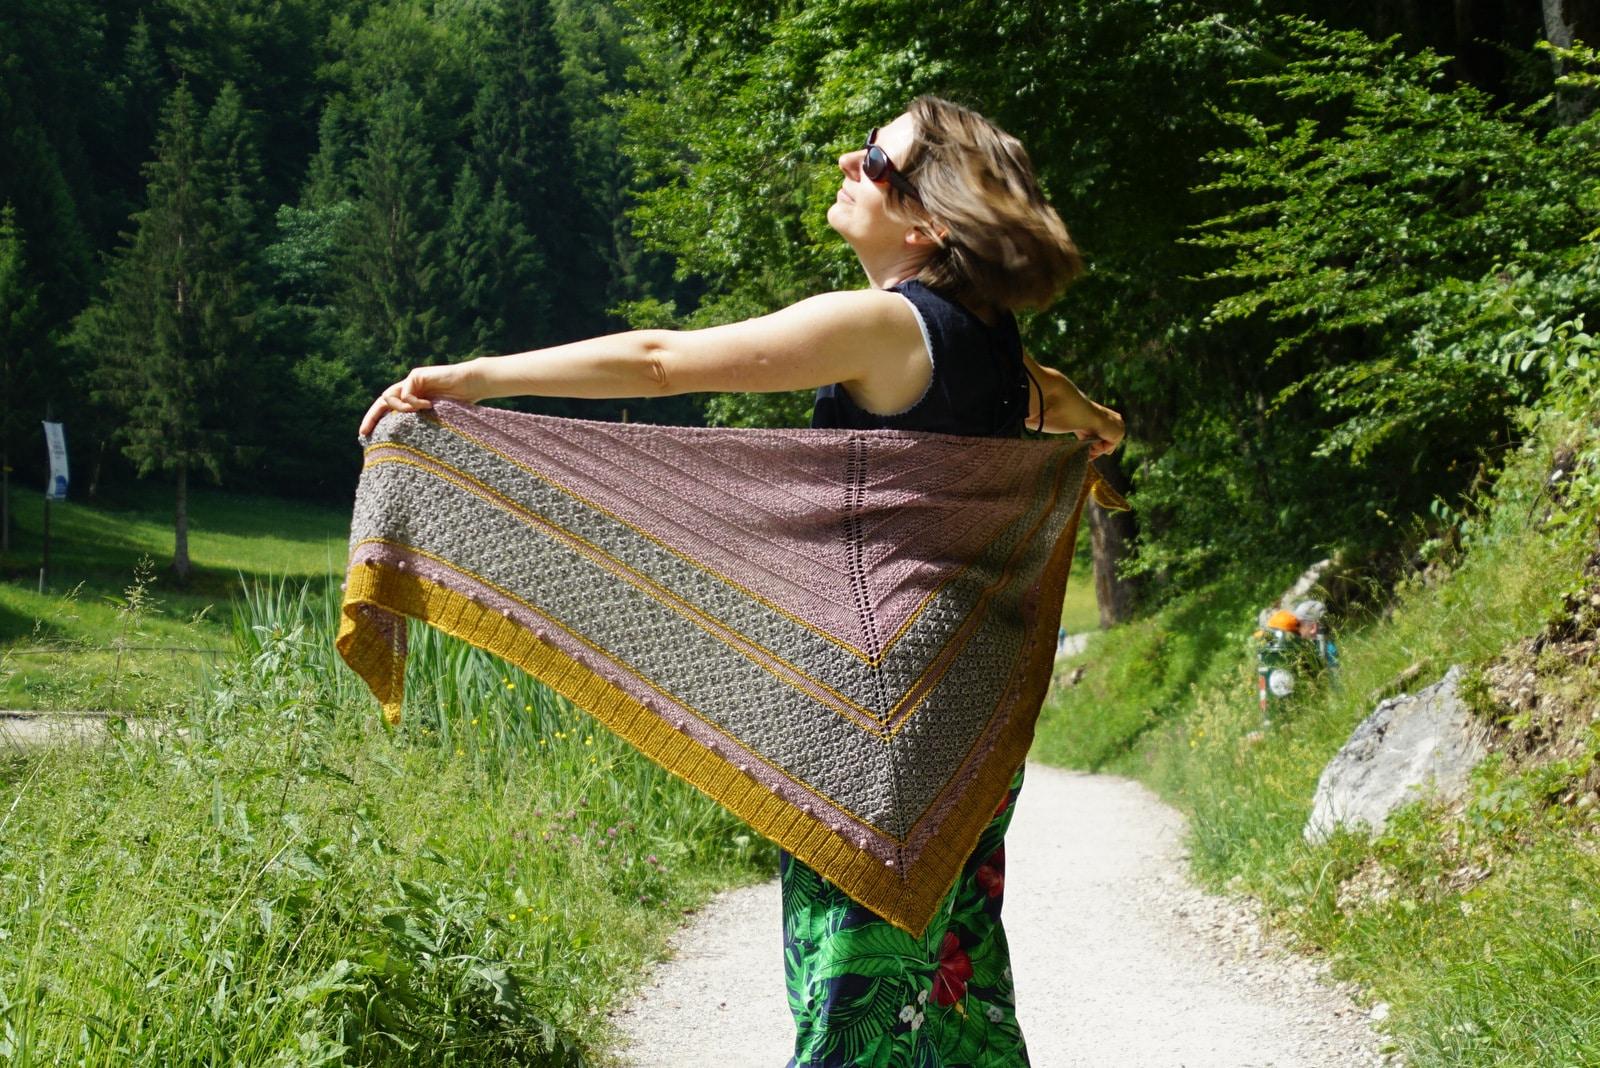 Ein Top für den Sommer, ein Tuch für den Herbst